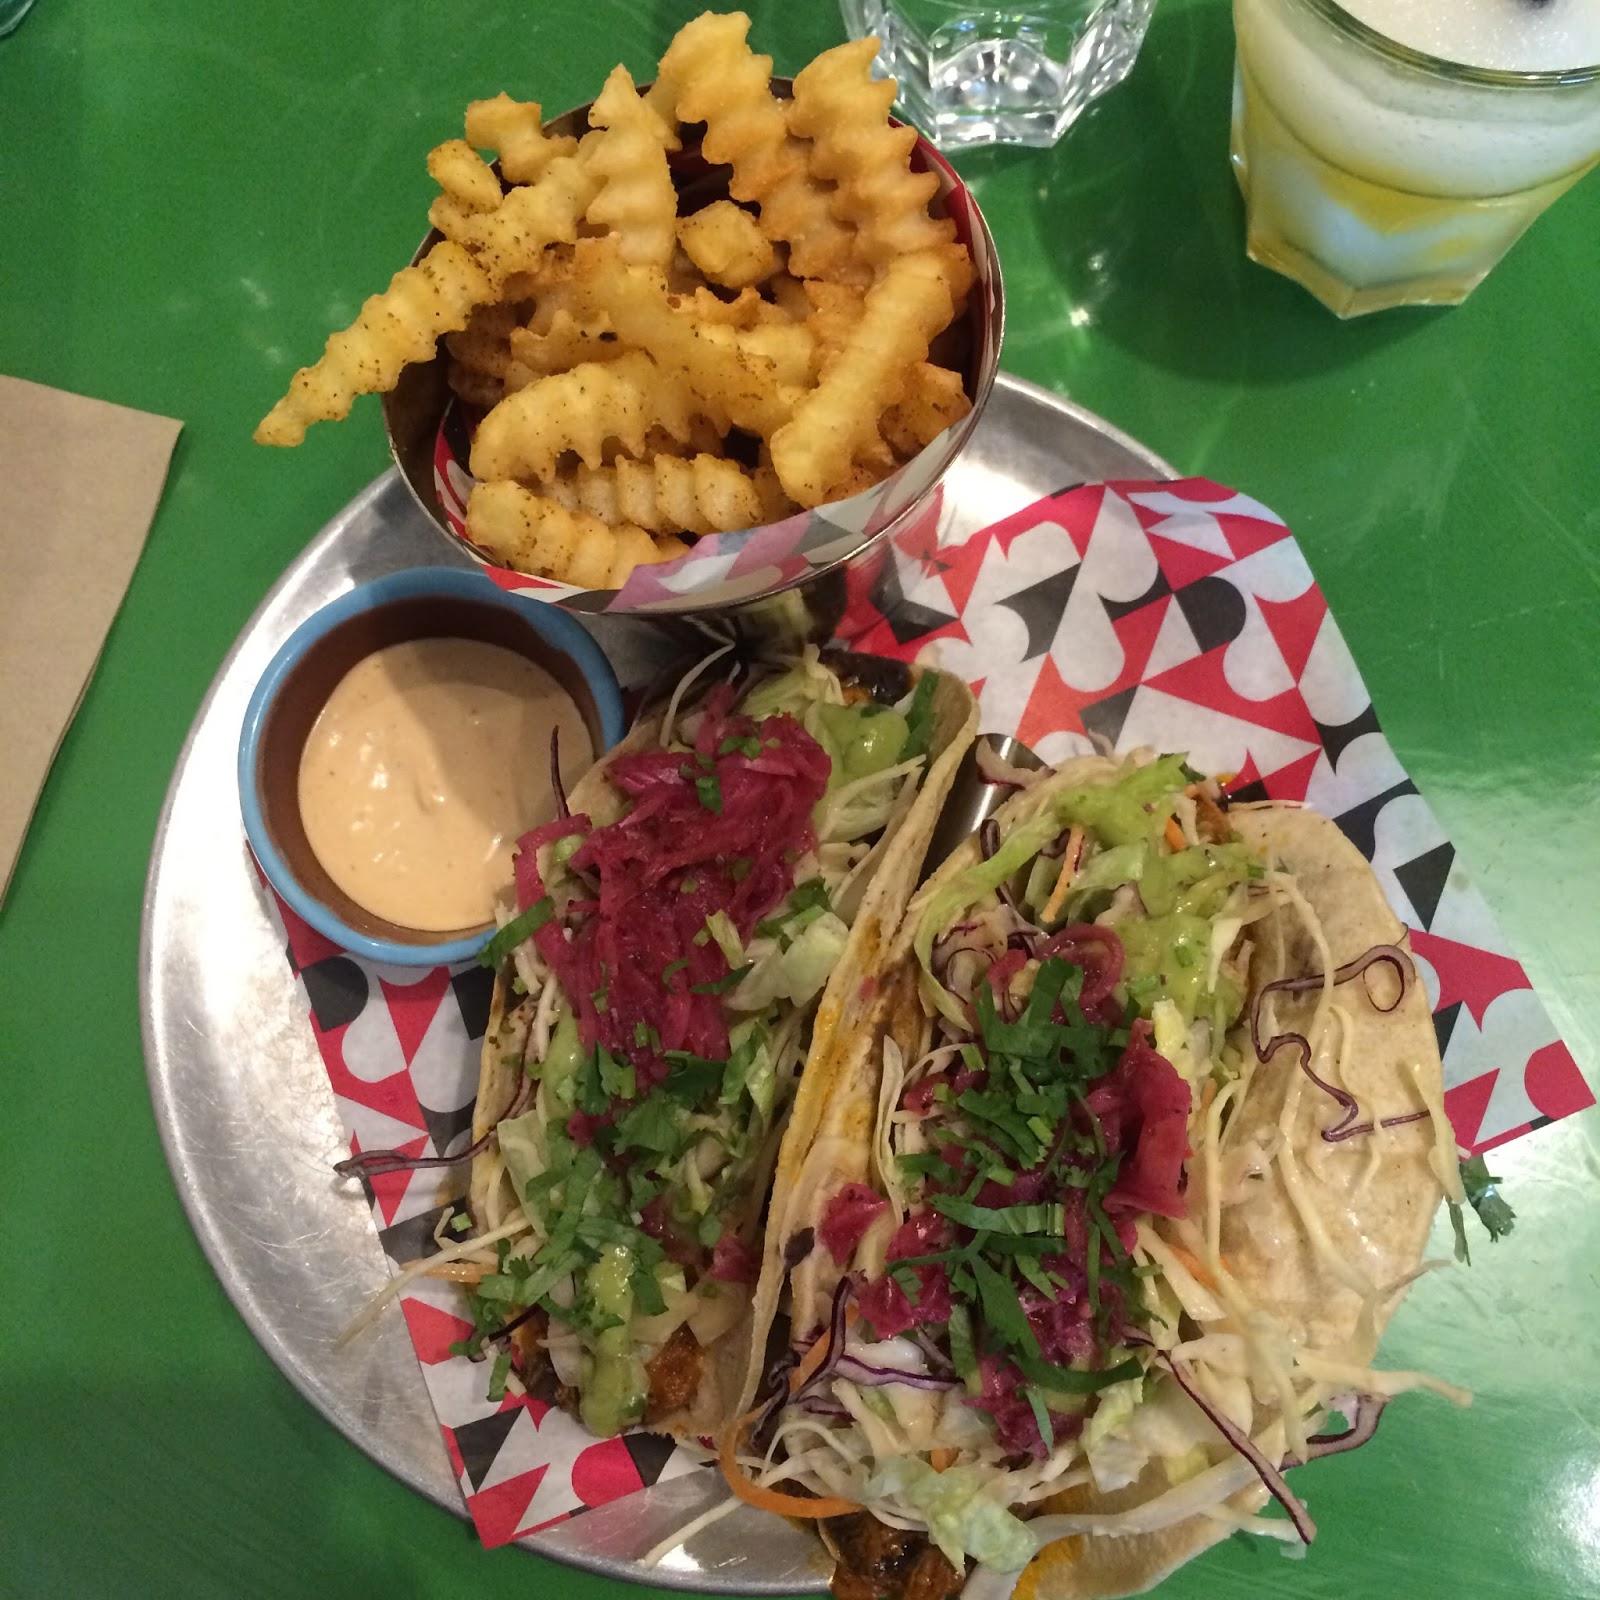 pork pibil tacos df mexico tottenham court road